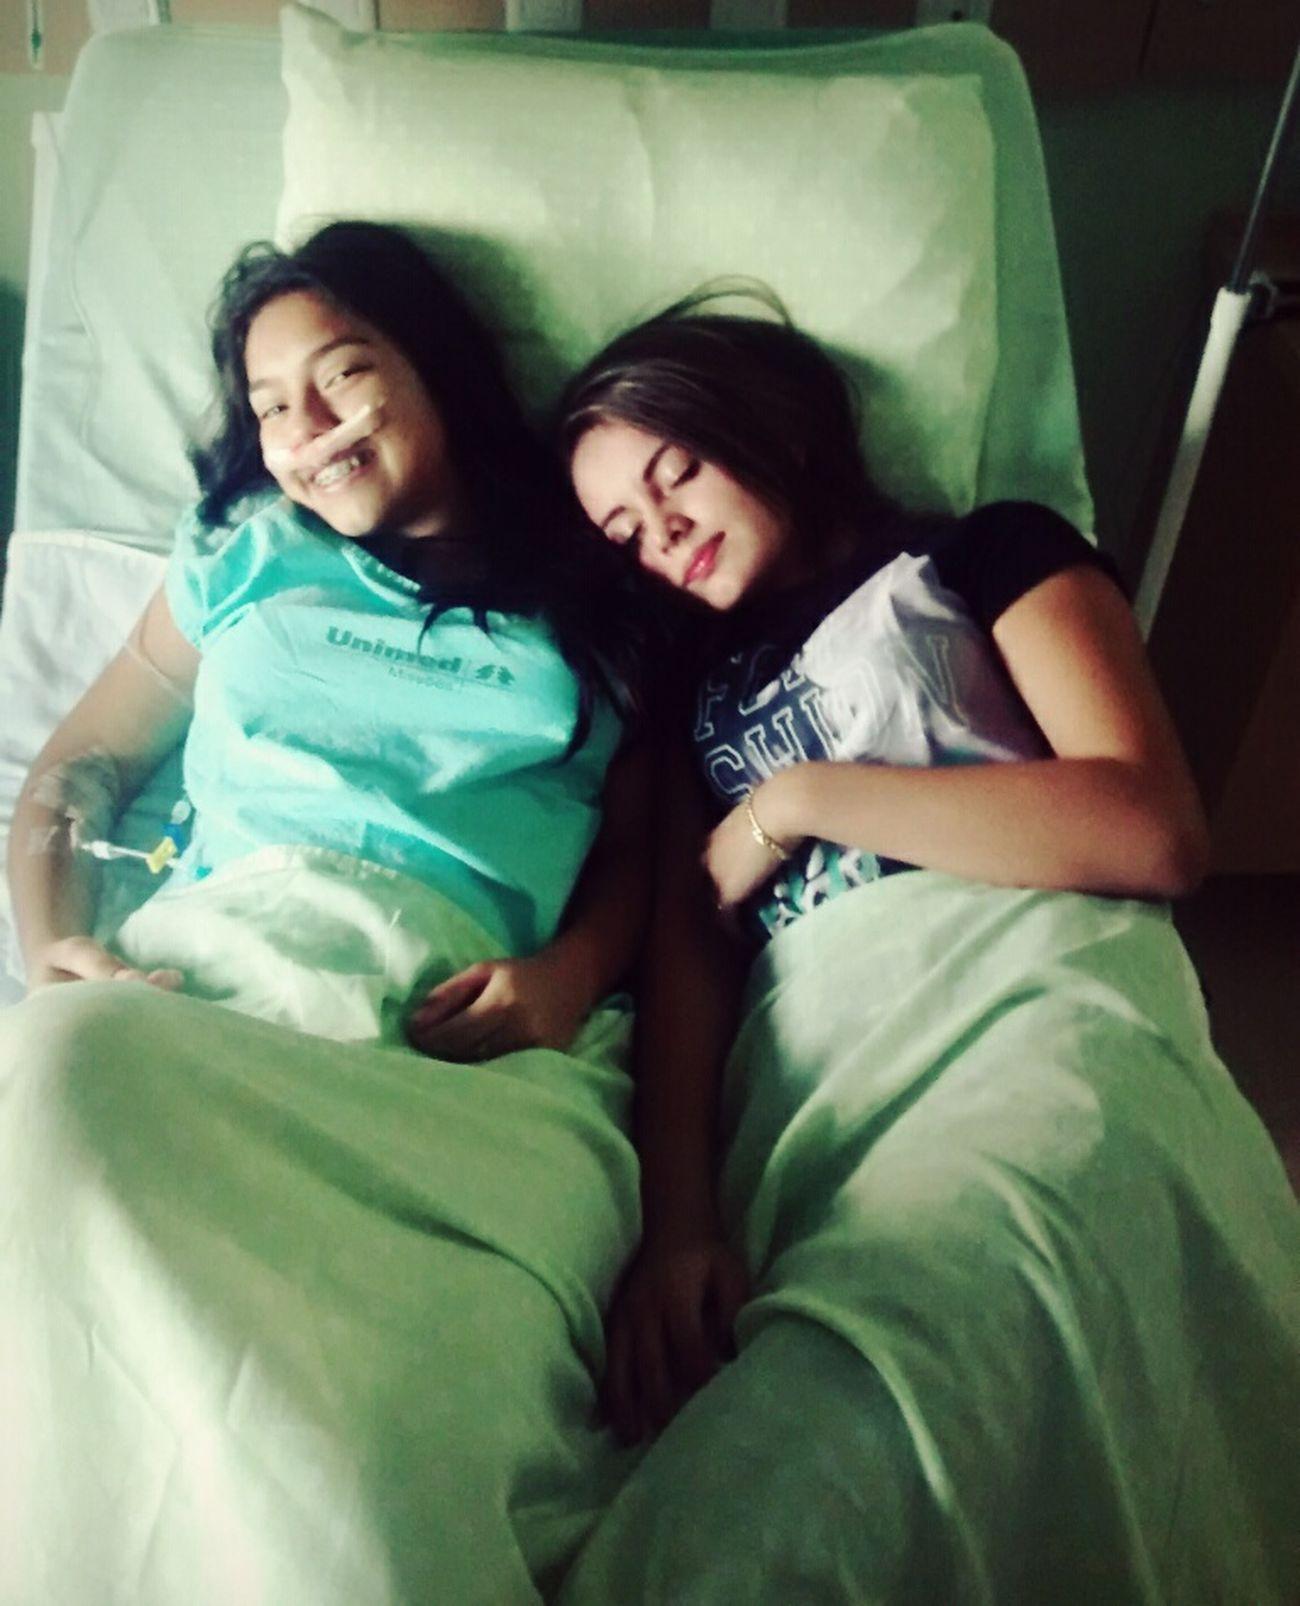 Assim se descobre uma amizade verdadeira, isso se chama amor!